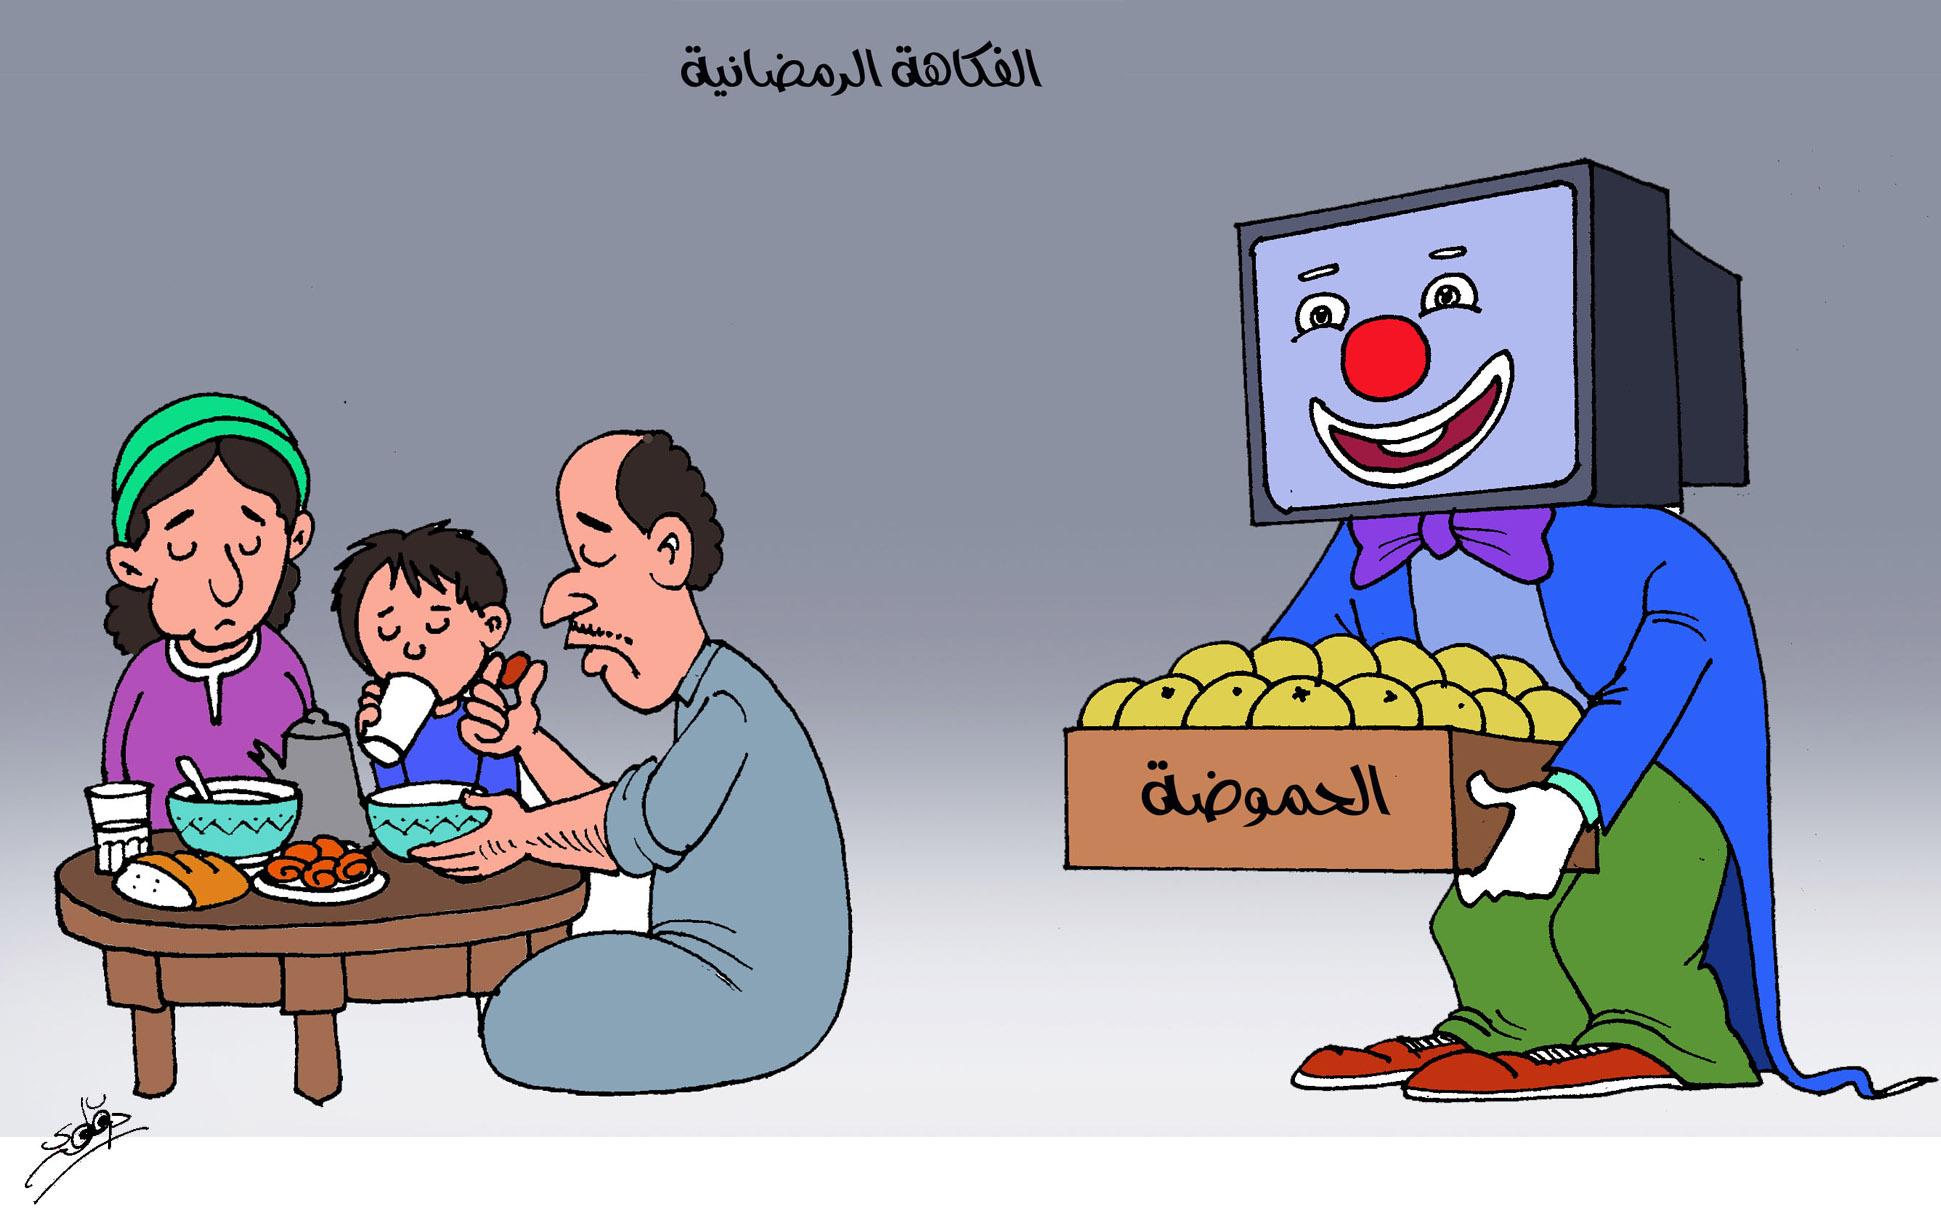 فكاهة رمضان